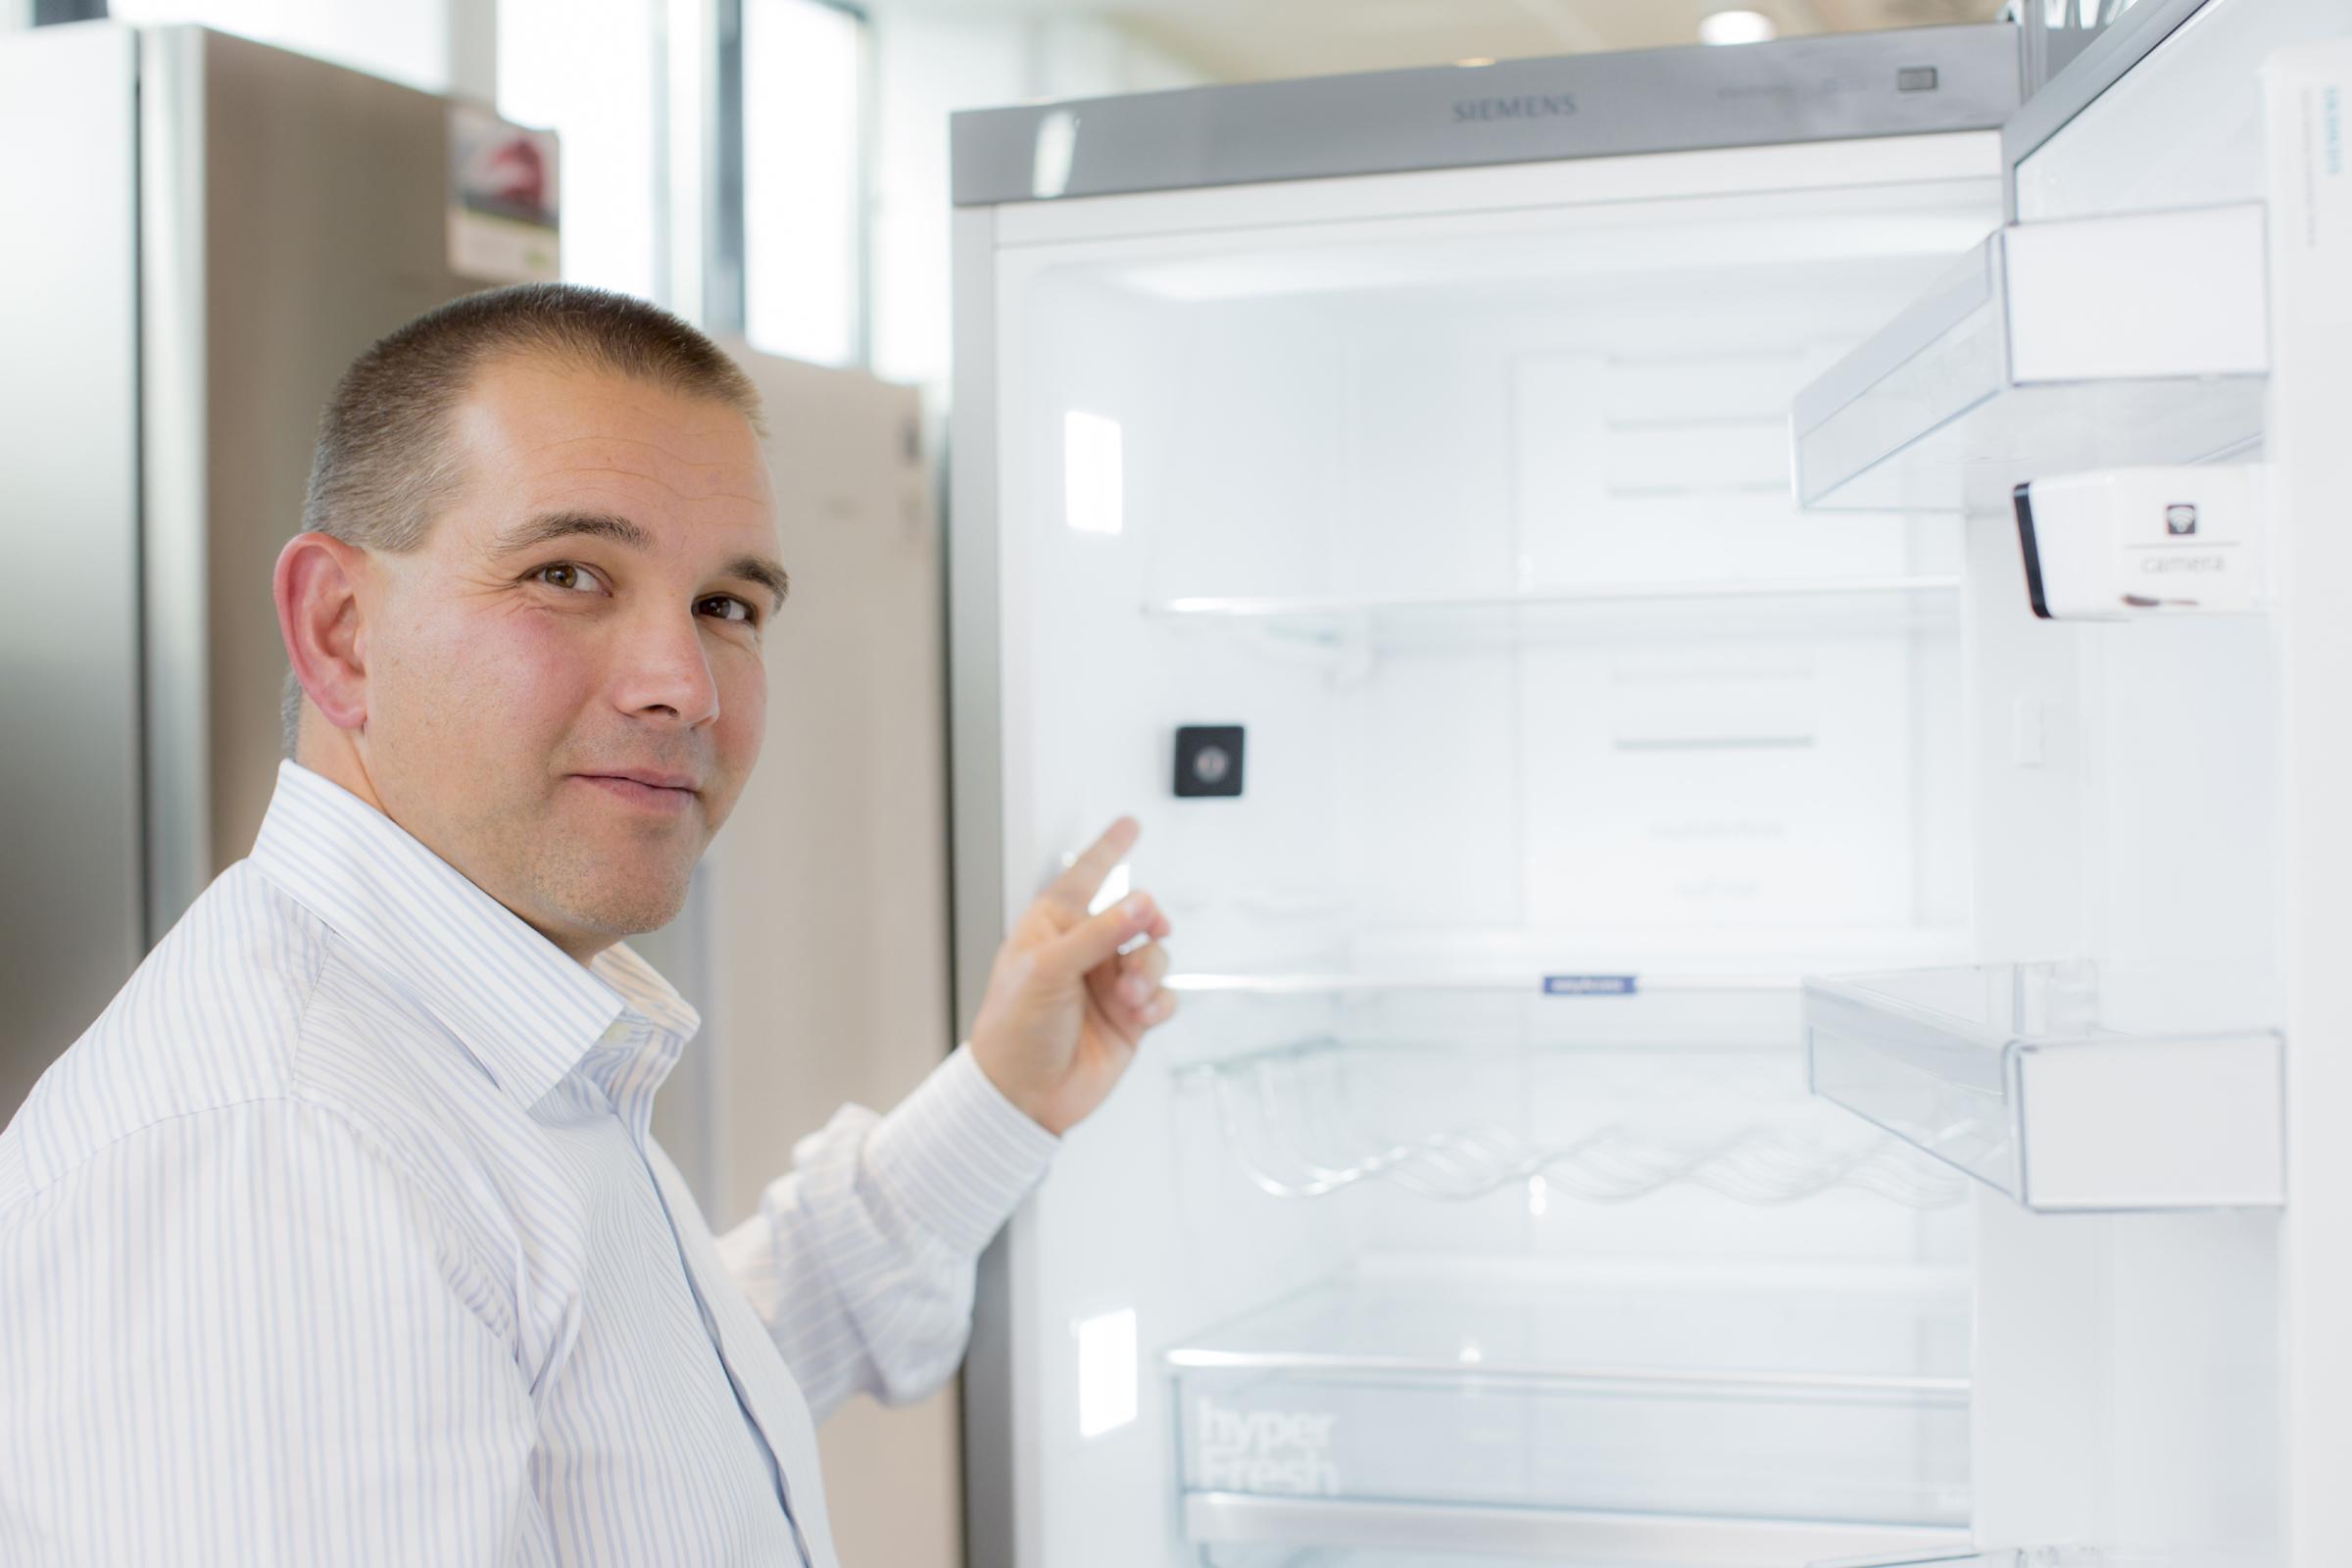 Siemens Kühlschrank Kamera : Kühlschrank mit eingebauter kamera managt einkauf